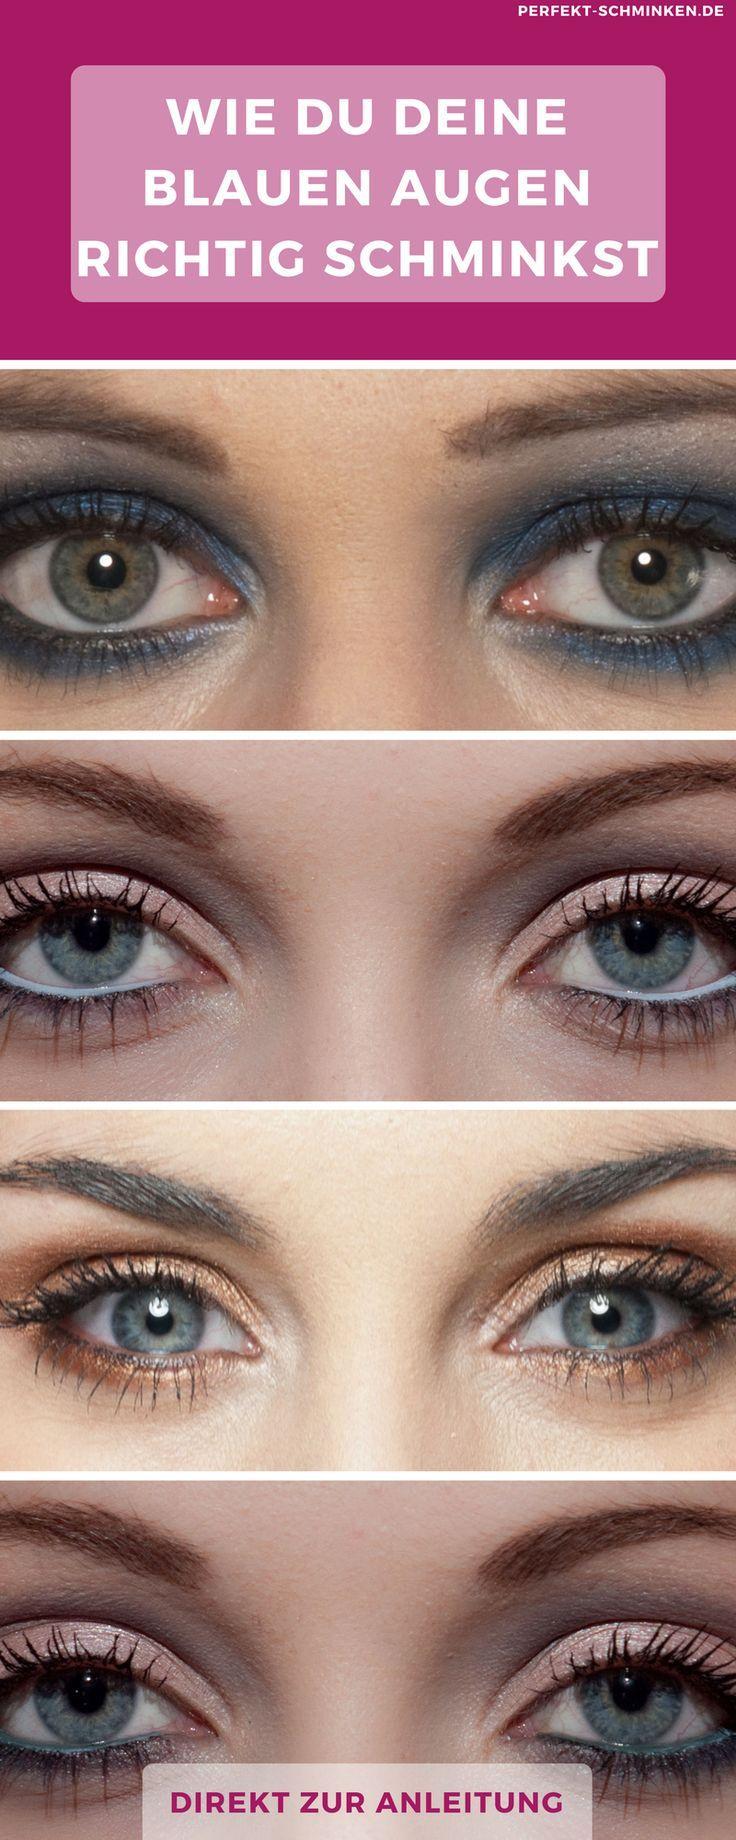 Blaue Augen? Und du bist dir oft nicht sicher, wie du sie noch schöner schminks